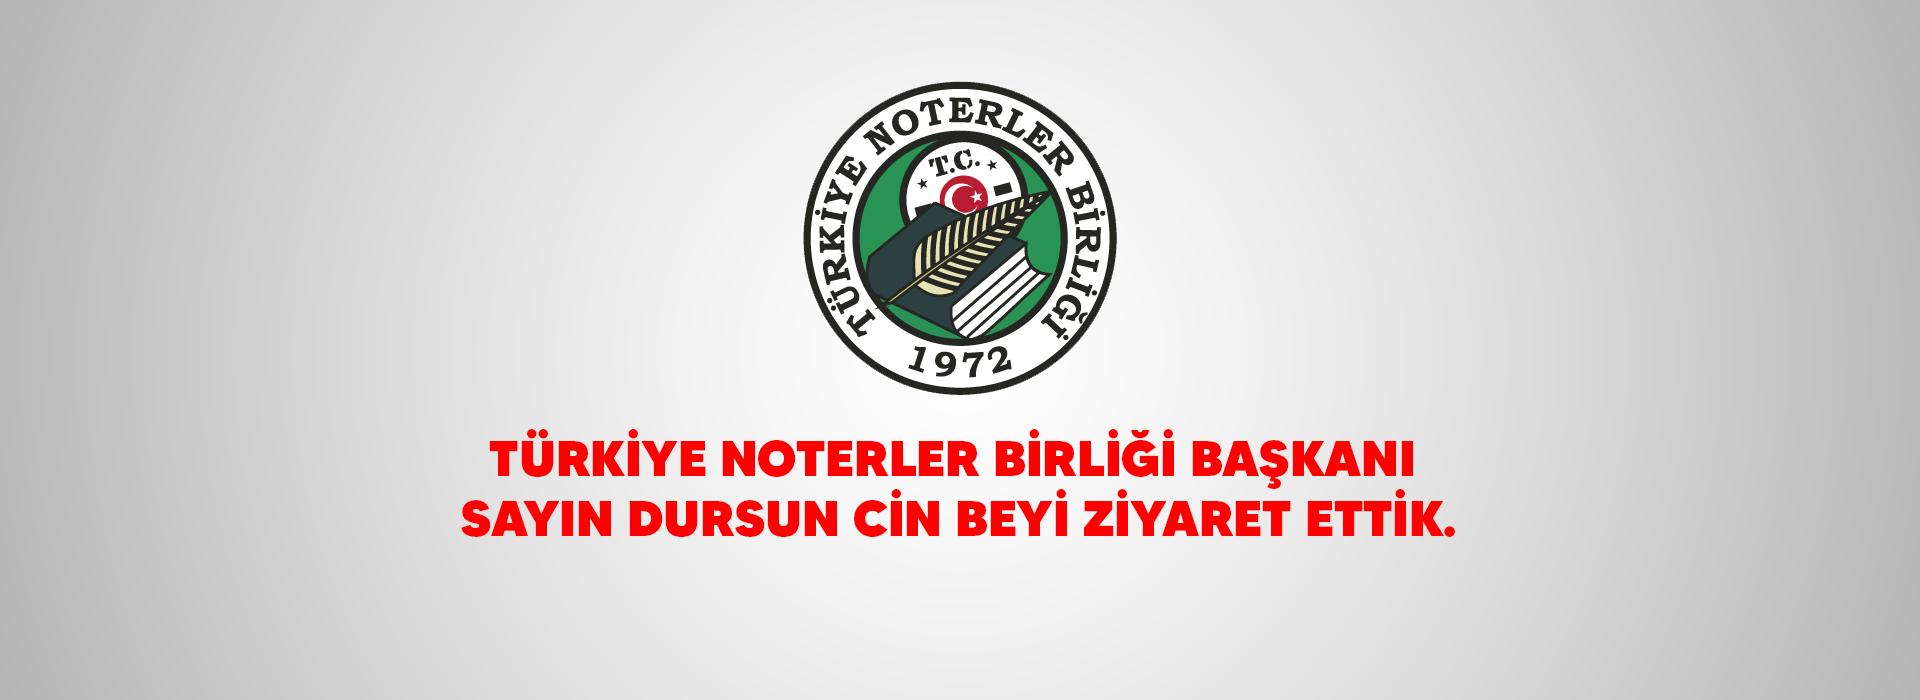 Türkiye Noterler Birliği Başkanı Sayın Dursun CİN Beyi ziyaret ettik.